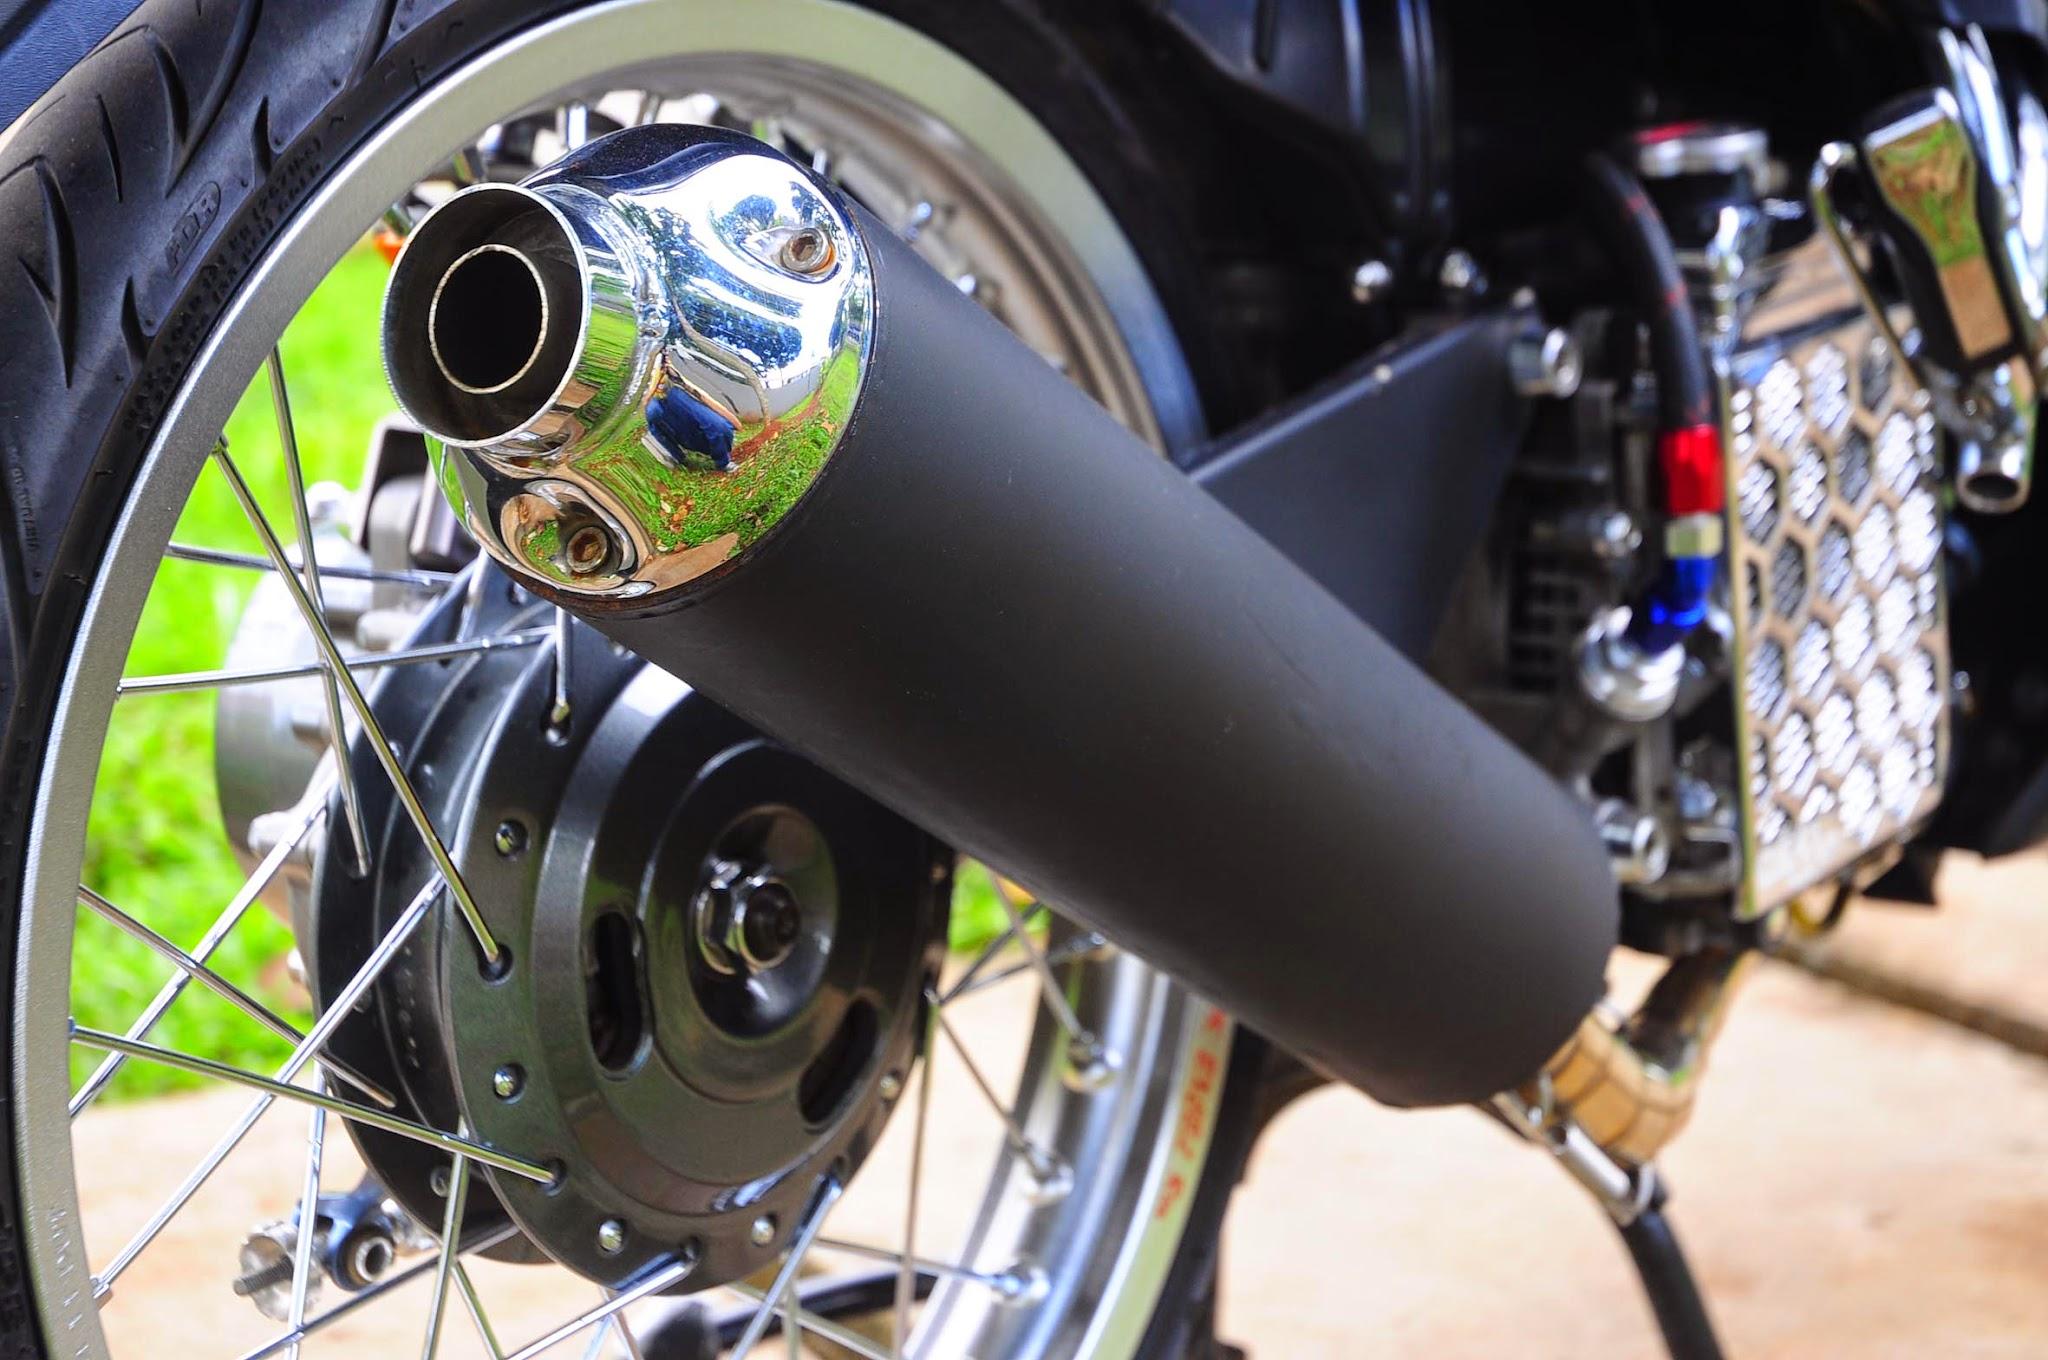 Kumpulan Foto Modifikasi Motor Vario Cw Terbaru Modispik Motor